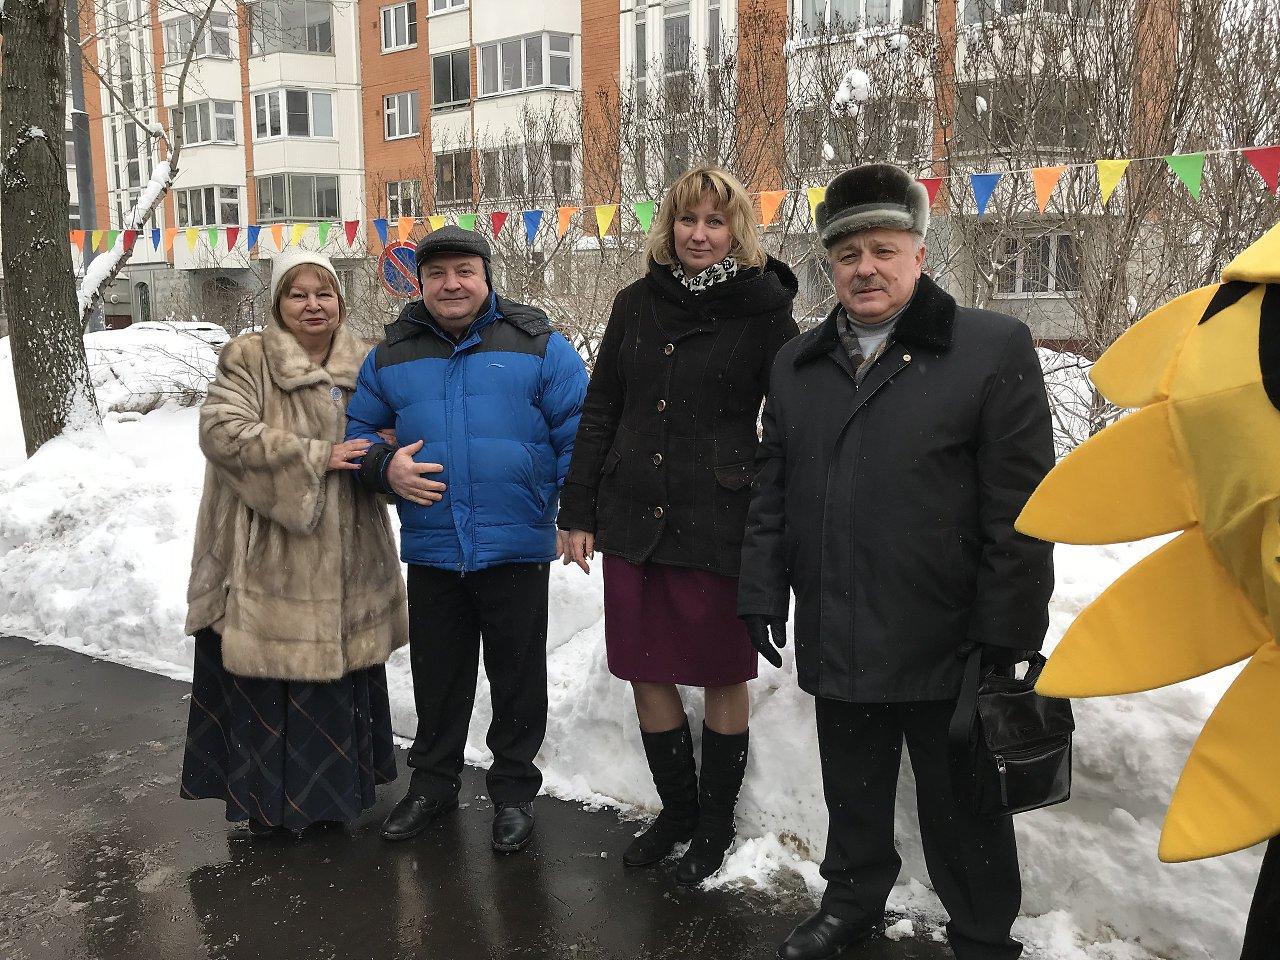 К праздничному дню, на сцене возле ГБУ «ЦДС «Олимп», прошёл концерт посвящённый 23 февраля! - 2